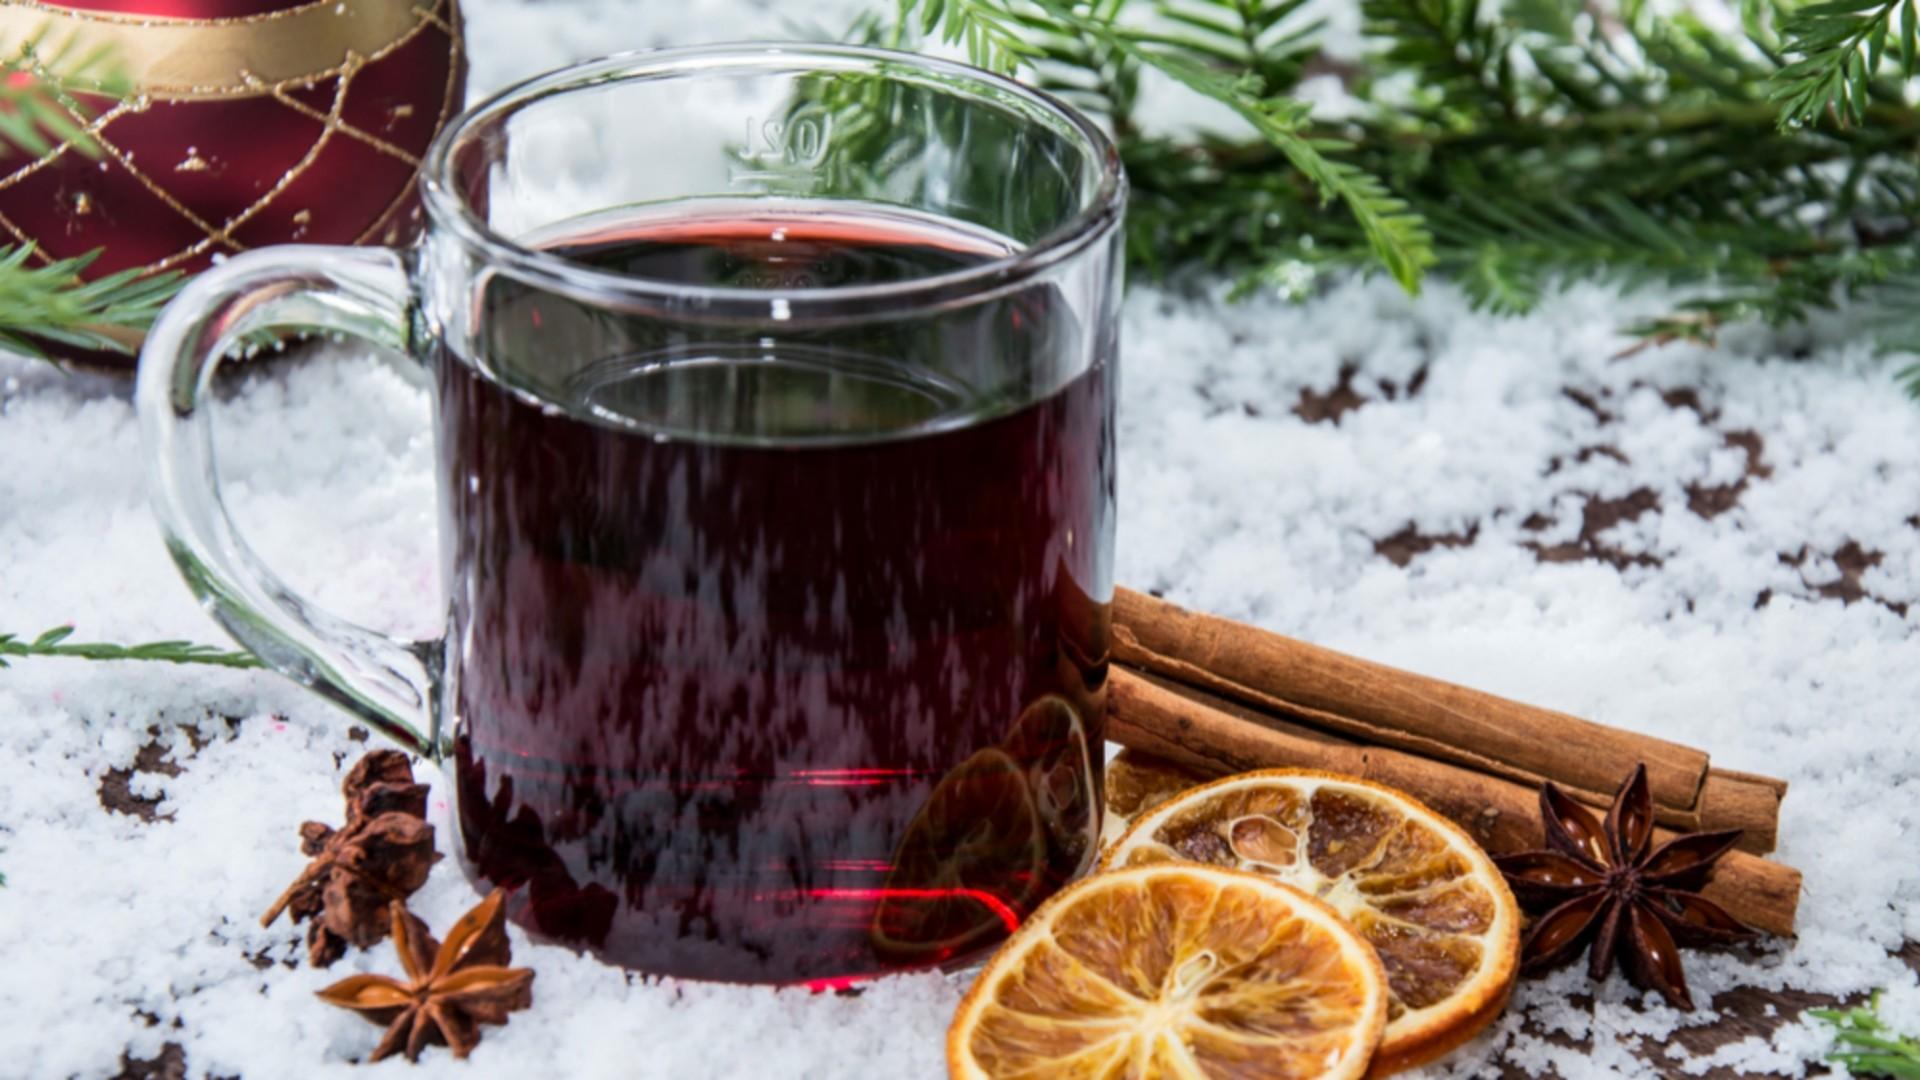 Svařené víno (vine brûlée)